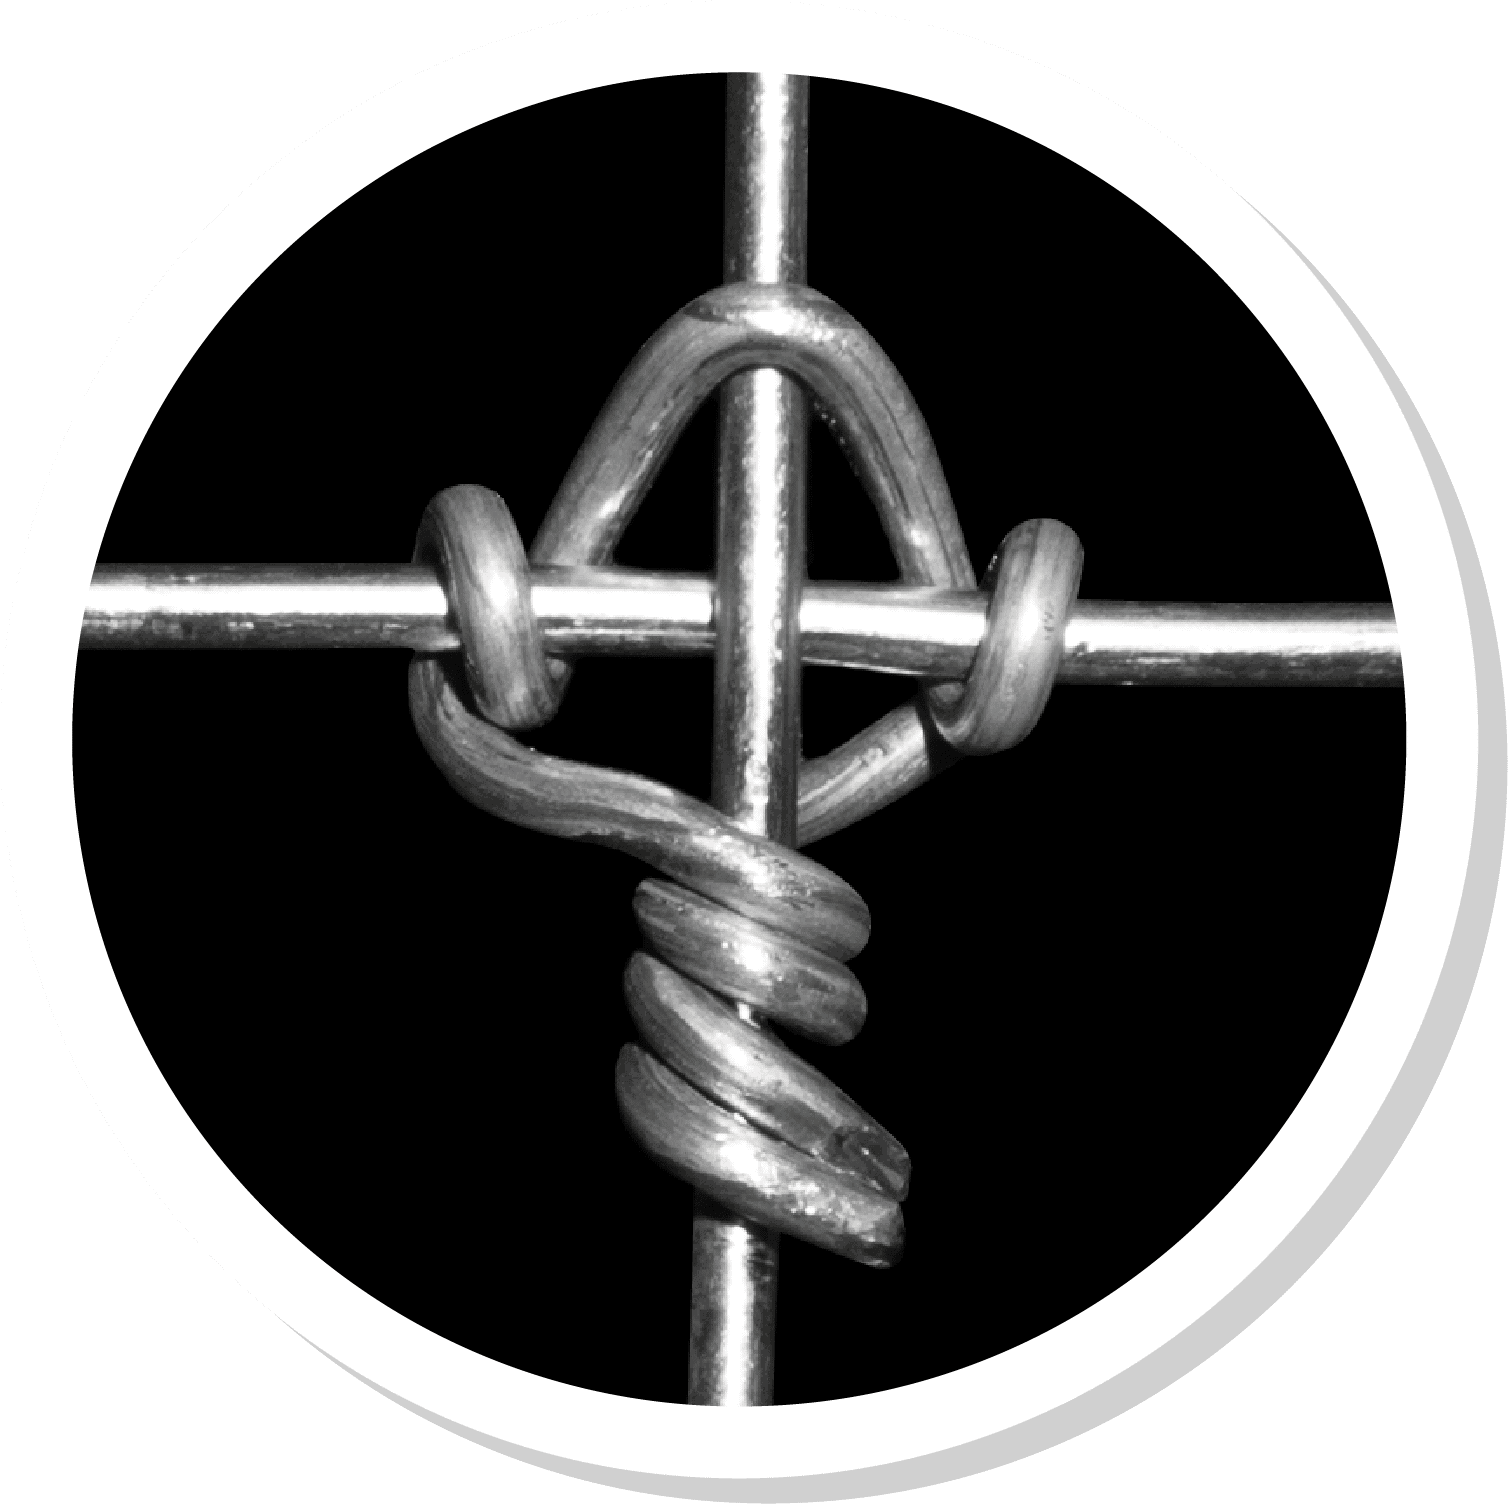 Icon รั้วตาข่ายฟิคซ์ล็อค ไวน์แมน